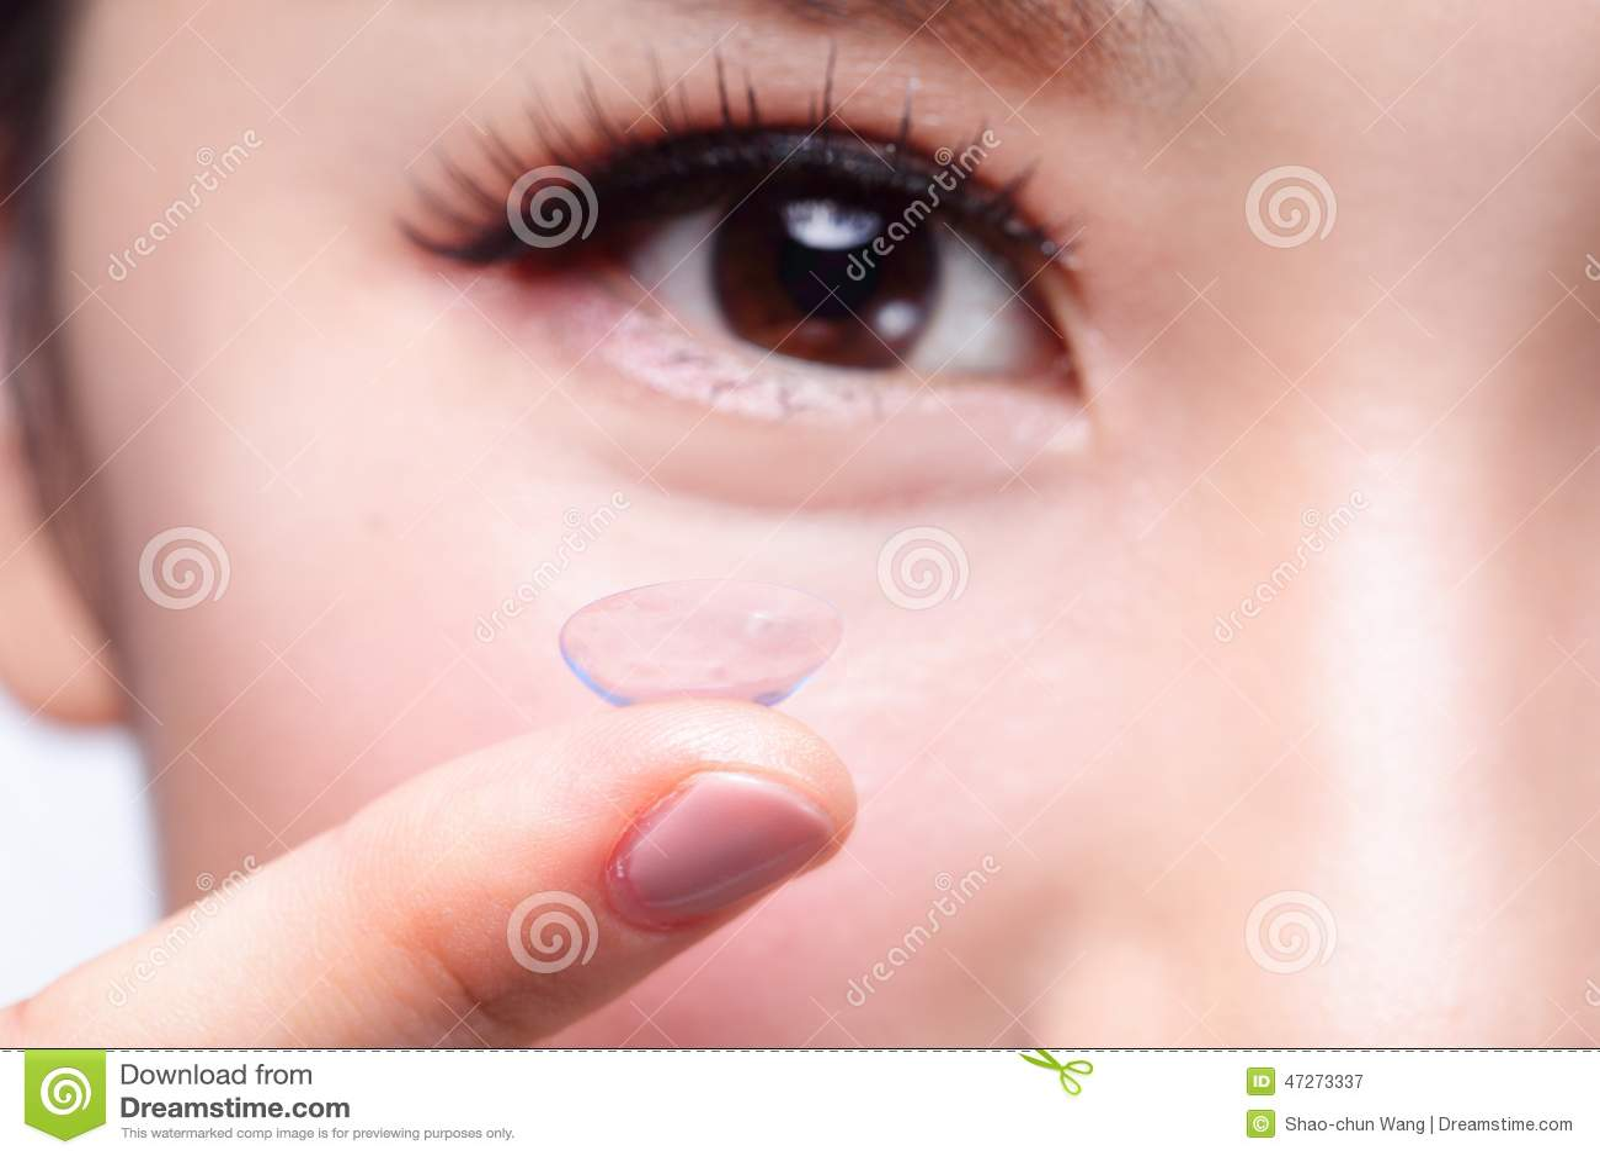 Человеческий глаз и контактные линзы